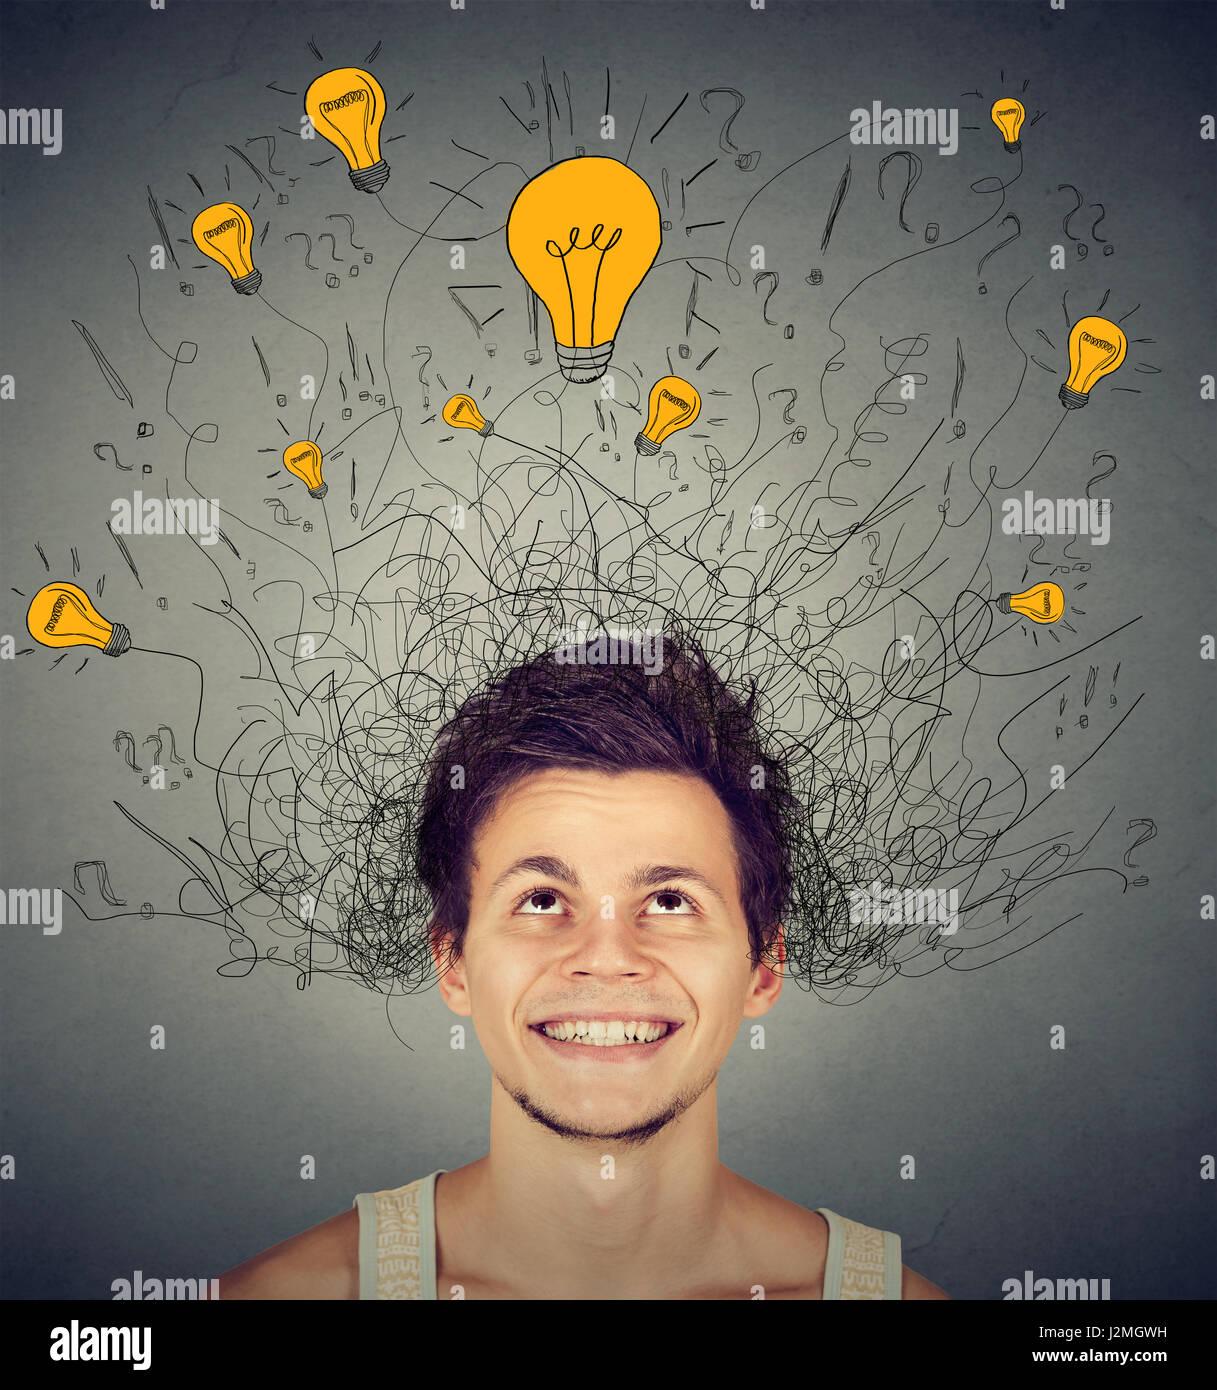 Joven con bombillas en su cabeza Imagen De Stock